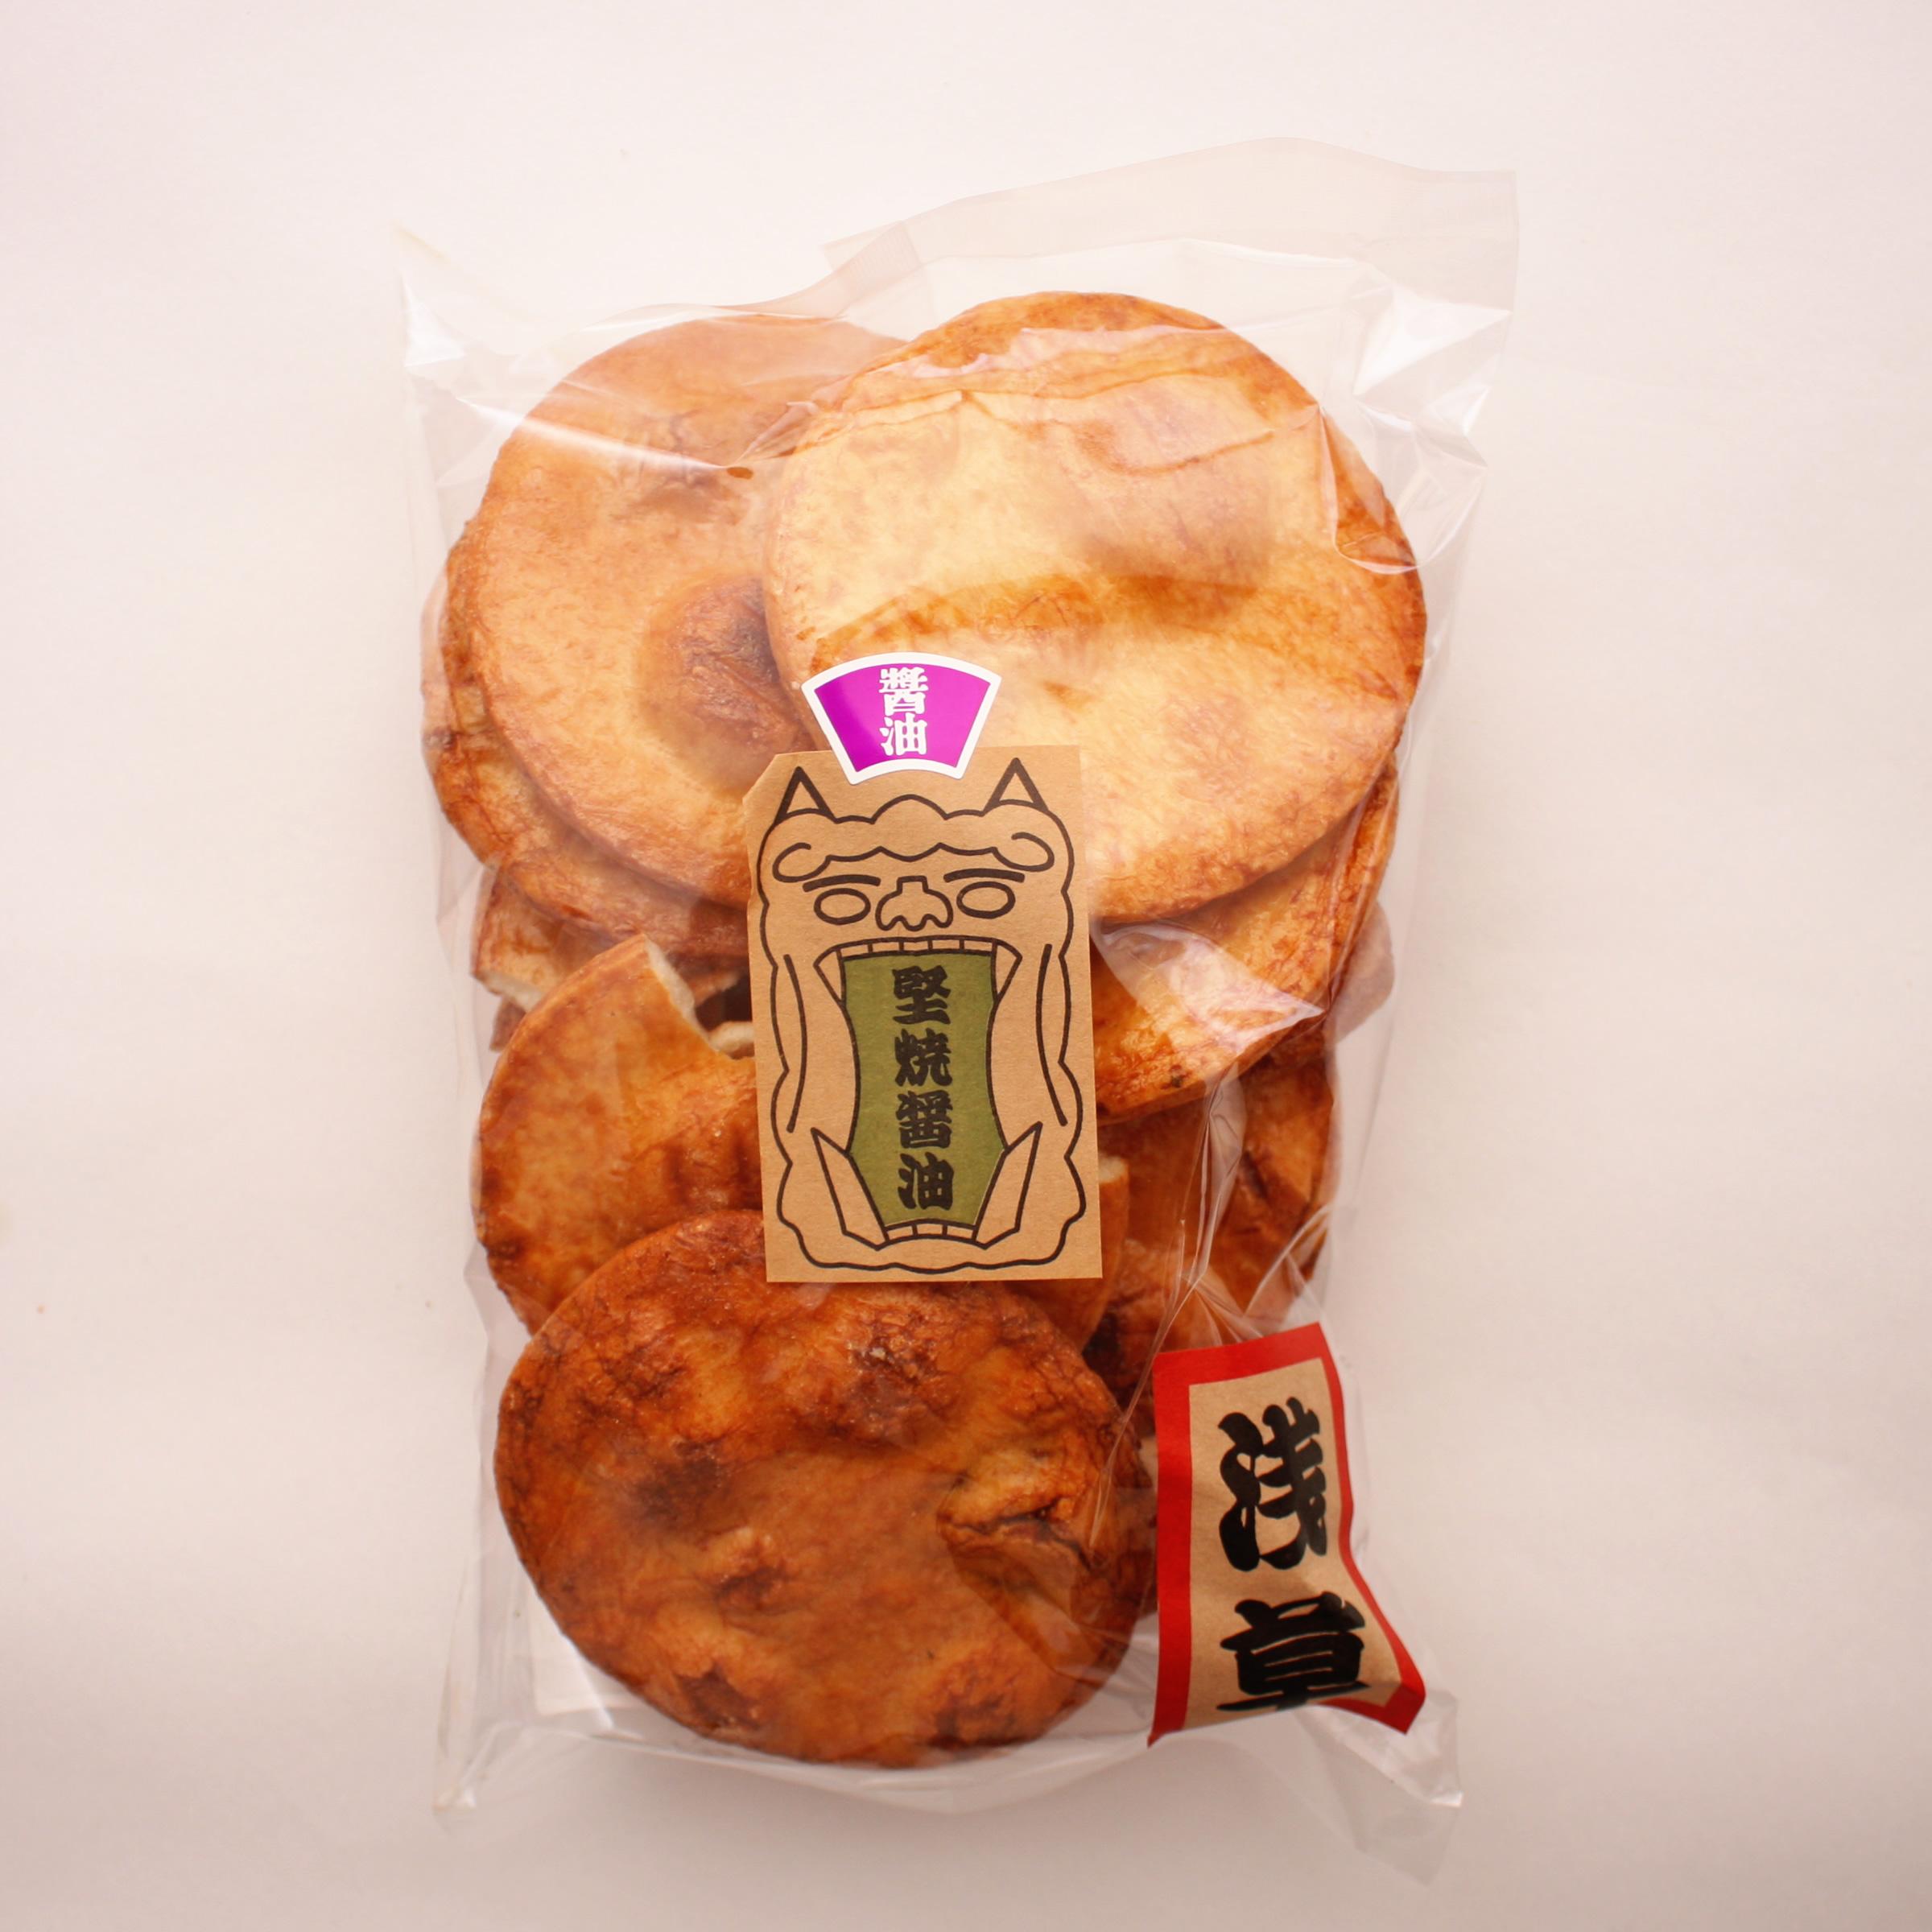 味の代表格醤油味 厚焼きの今も変わらぬおいしいお煎餅です。